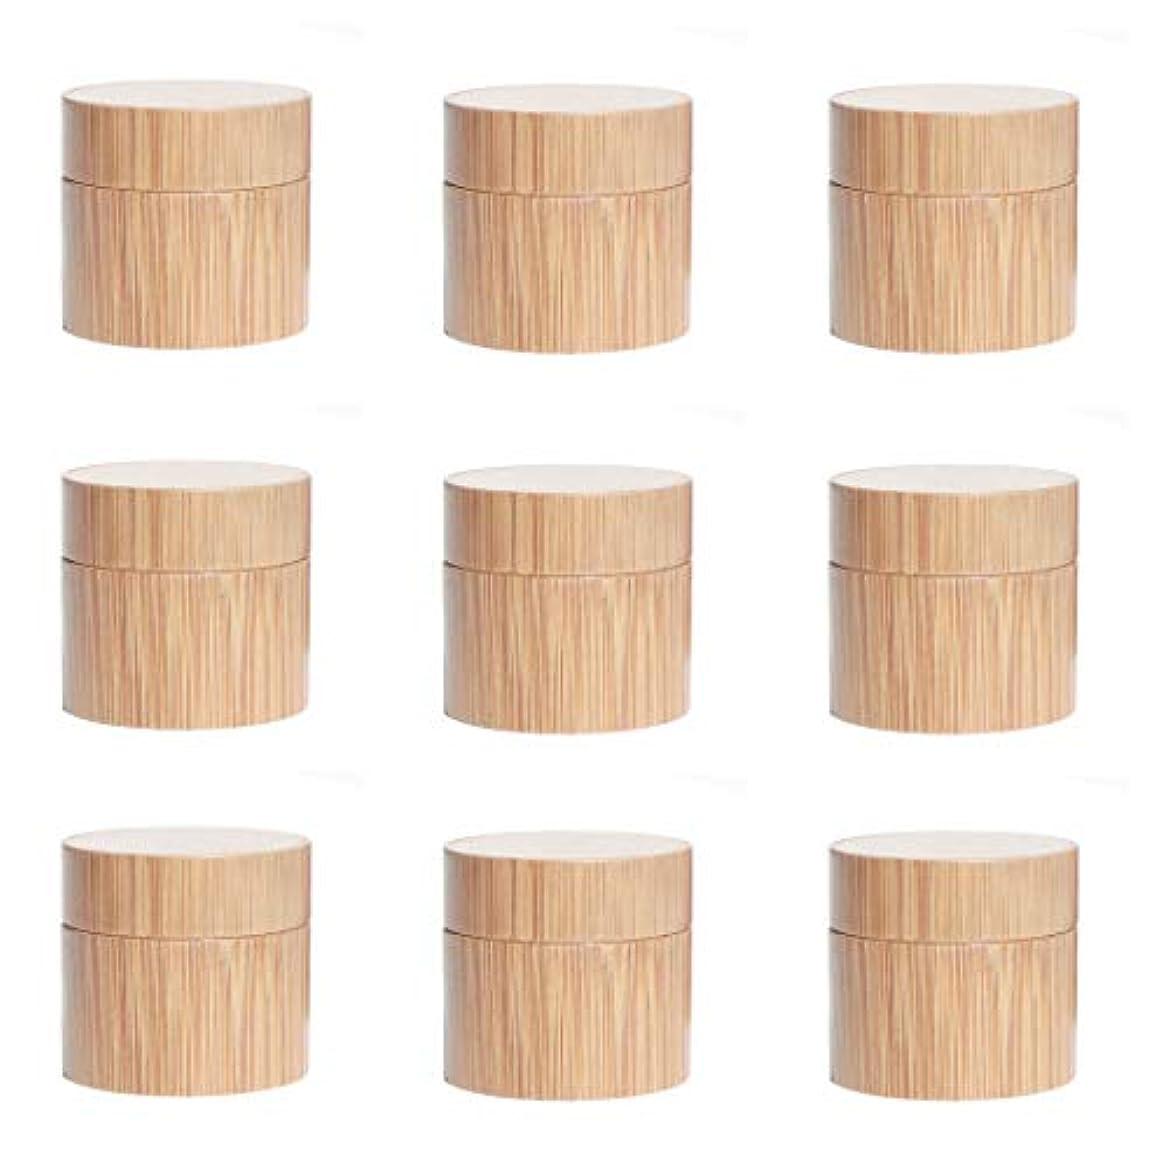 ダンプバスルームメカニックYiteng スポイト遮光瓶 アロマオイル 精油 香水やアロマの保存 遮光瓶 小分け用 保存 詰替え 竹製 9本セット (5g)